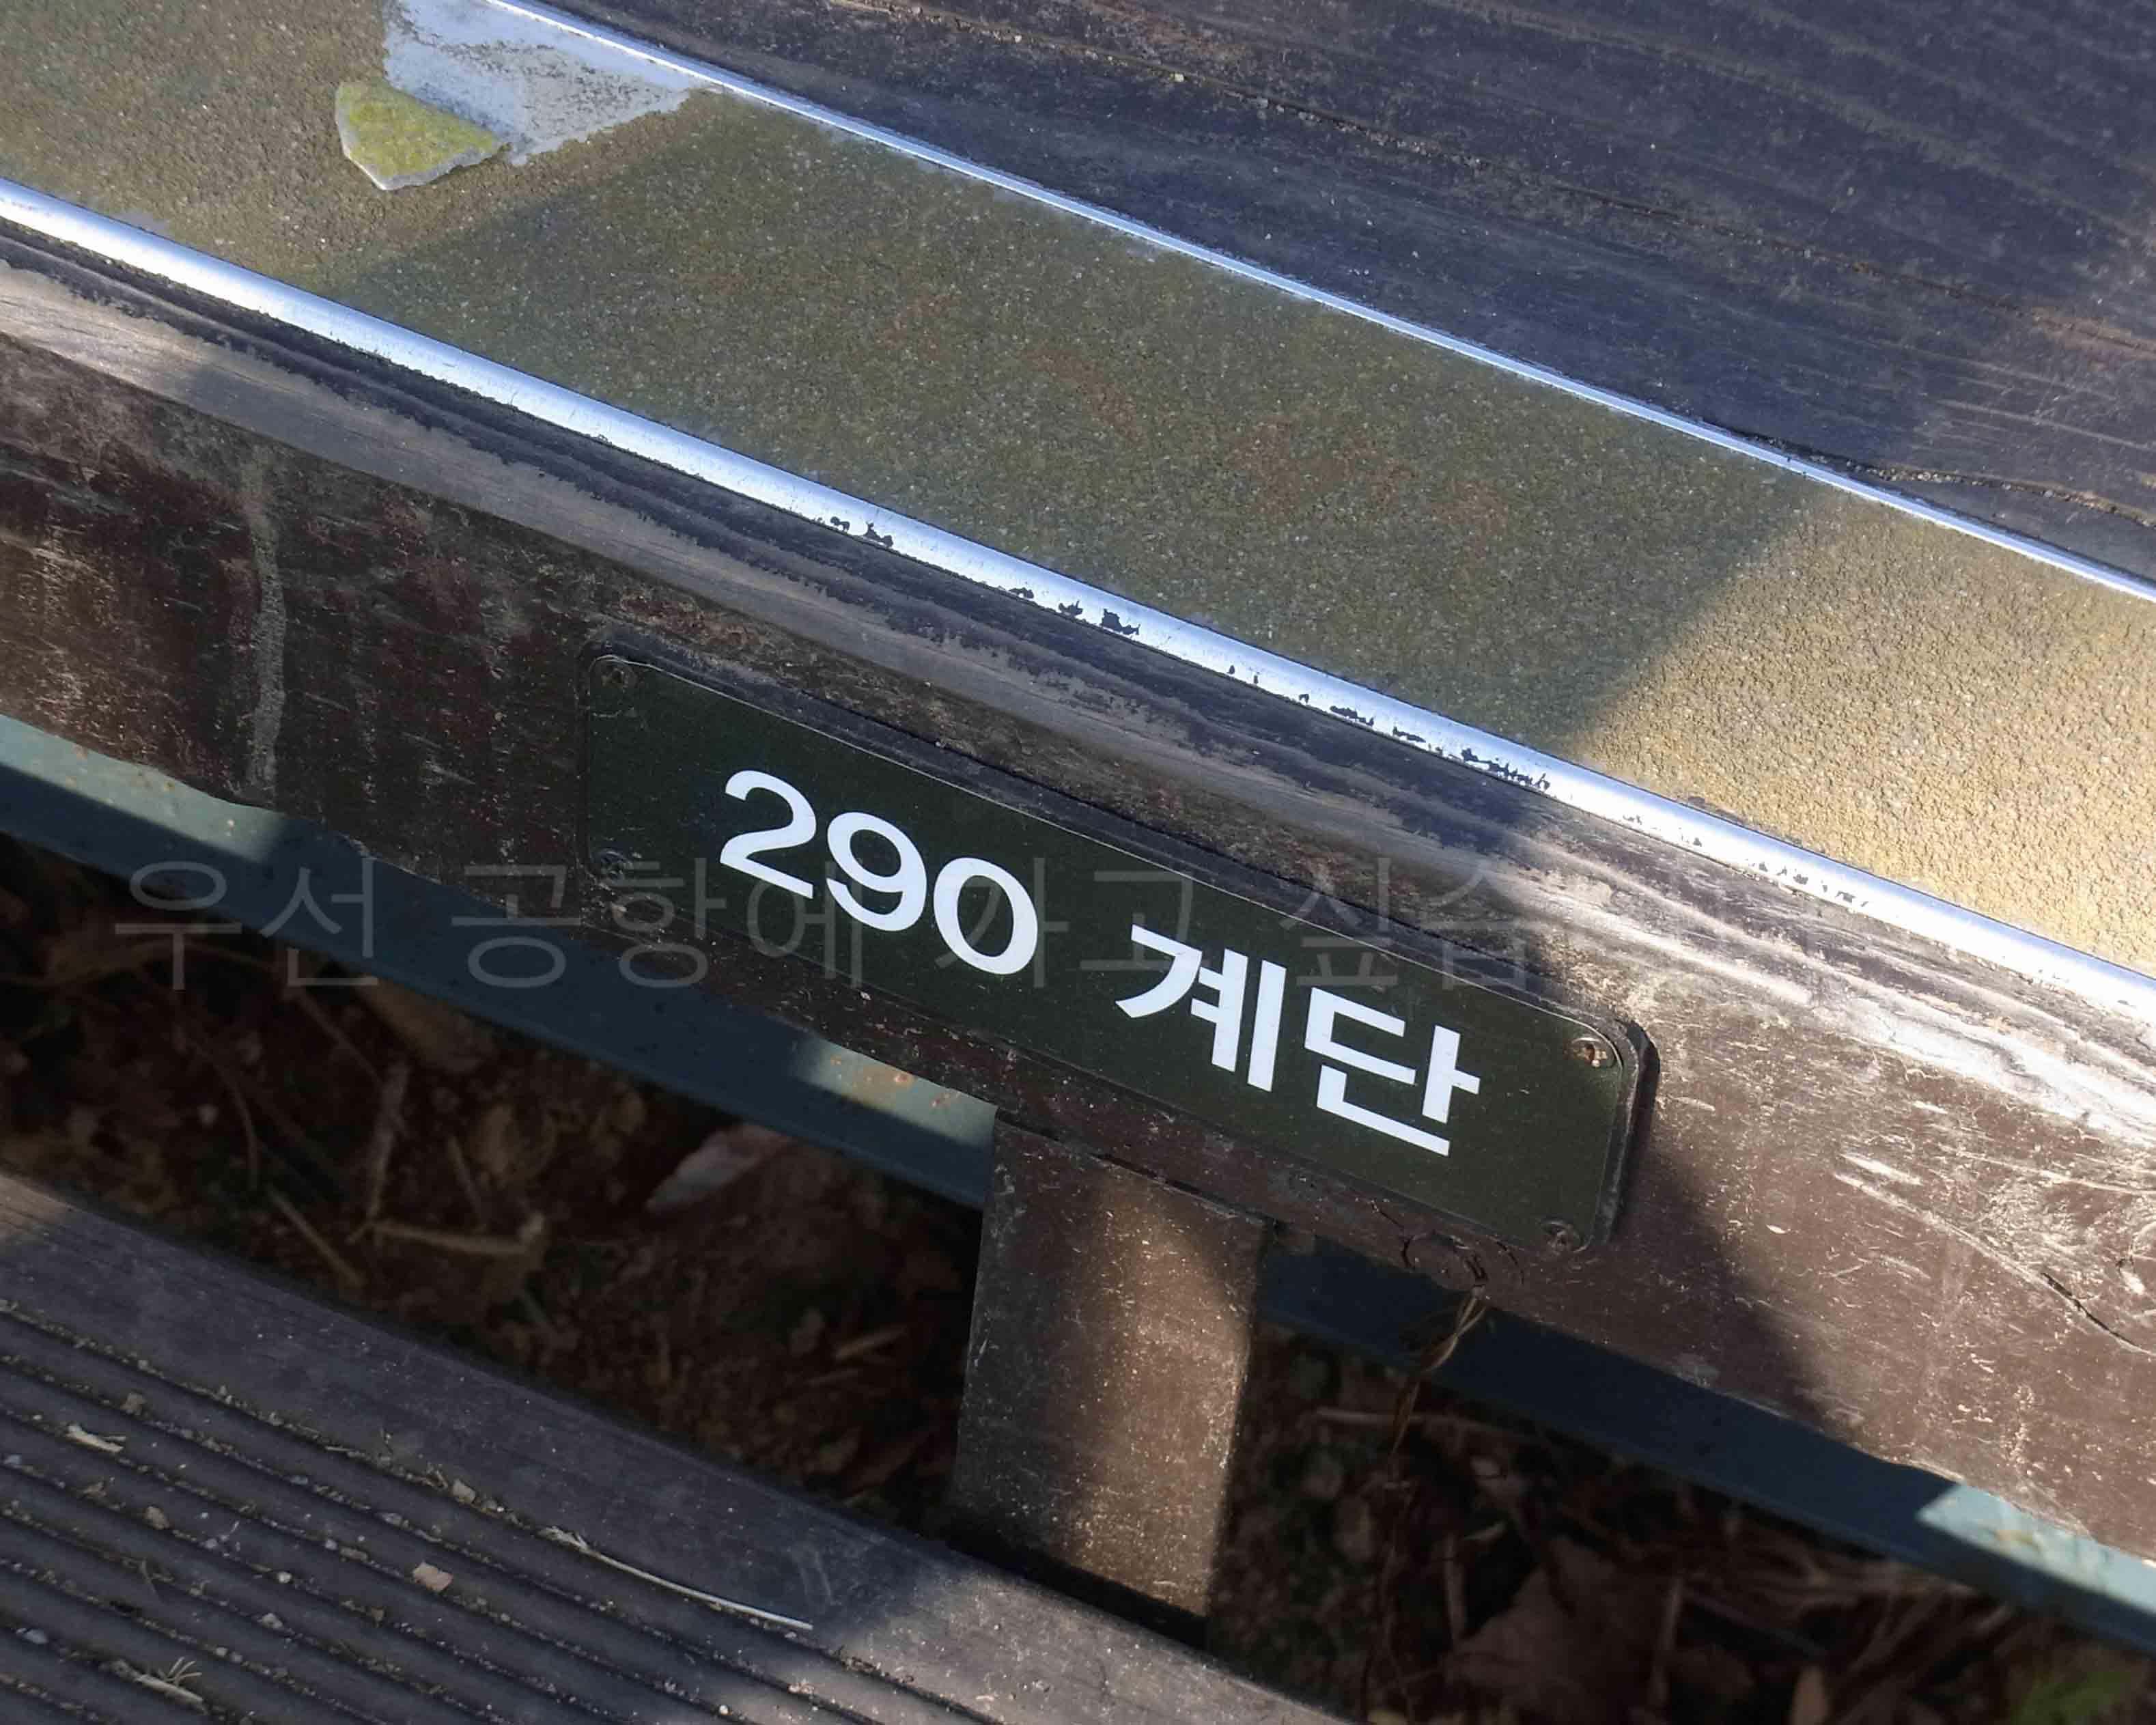 3572ei.jpg